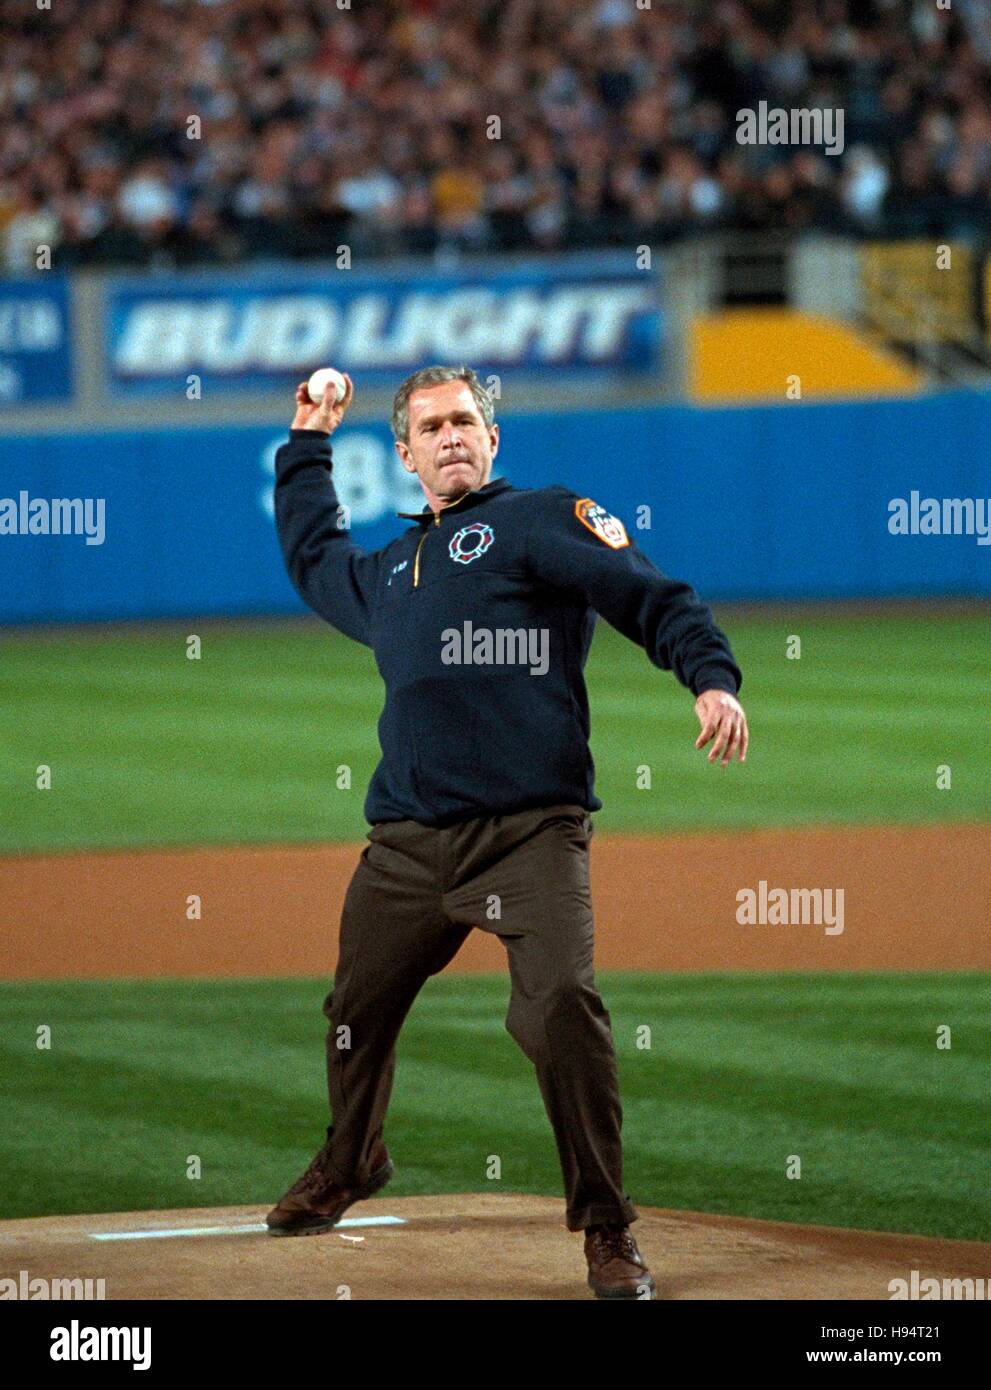 El Presidente de Estados Unidos George W. Bush lanza el primer lanzamiento ceremonial antes del tercer juego de la Serie Mundial entre los Diamondbacks de Arizona y los Yankees de Nueva York en el Yankee Stadium el 30 de octubre de 2001 en la Ciudad de Nueva York, Nueva York. Foto de stock